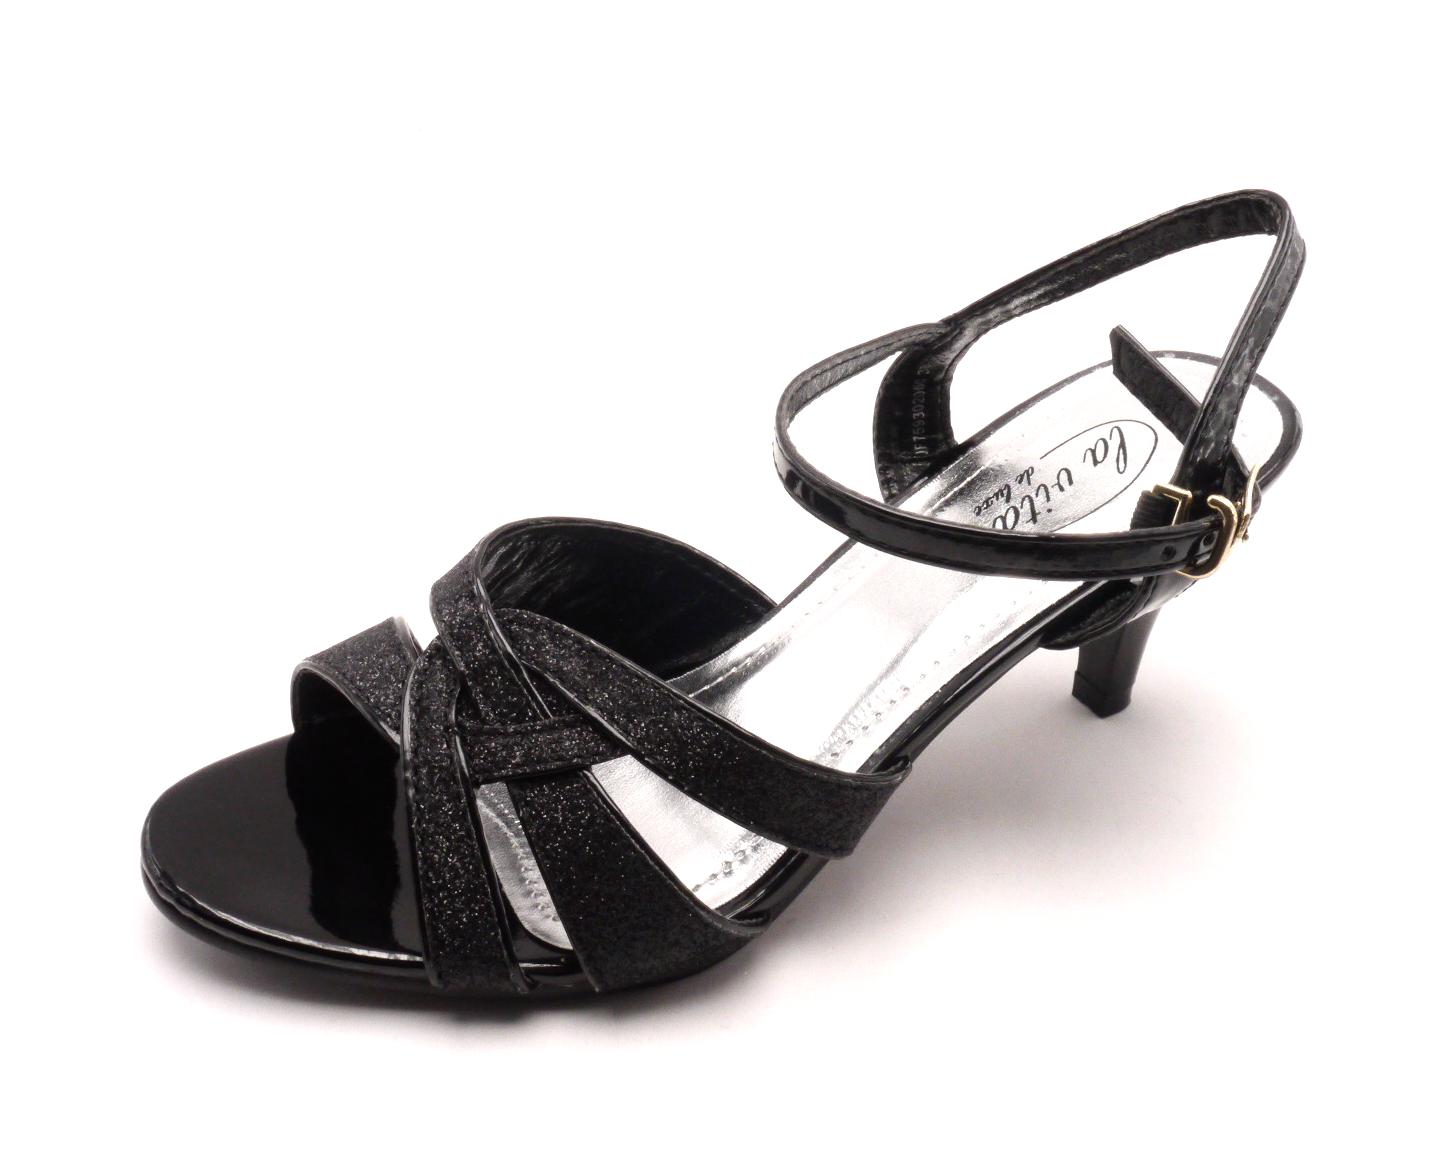 John Garfield Dámská elegantní obuv JF759302060 Velikost: 36